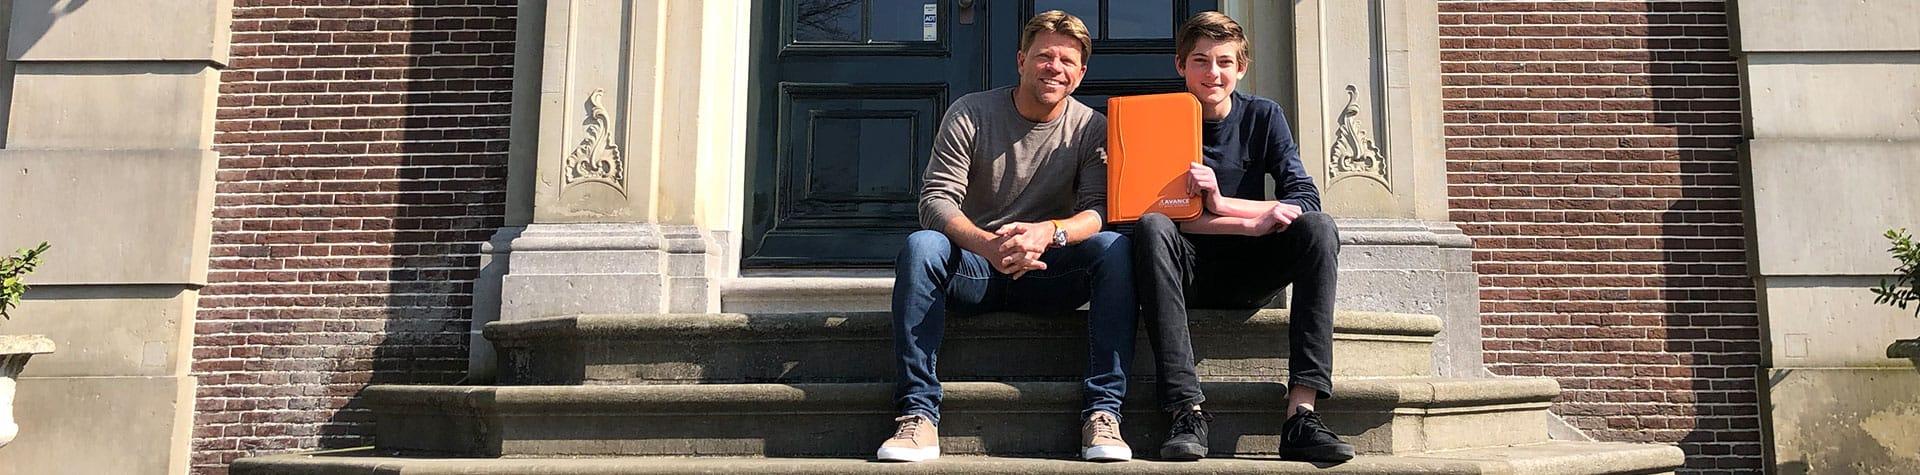 AVANCE sponsort Kris Bouhuijzen